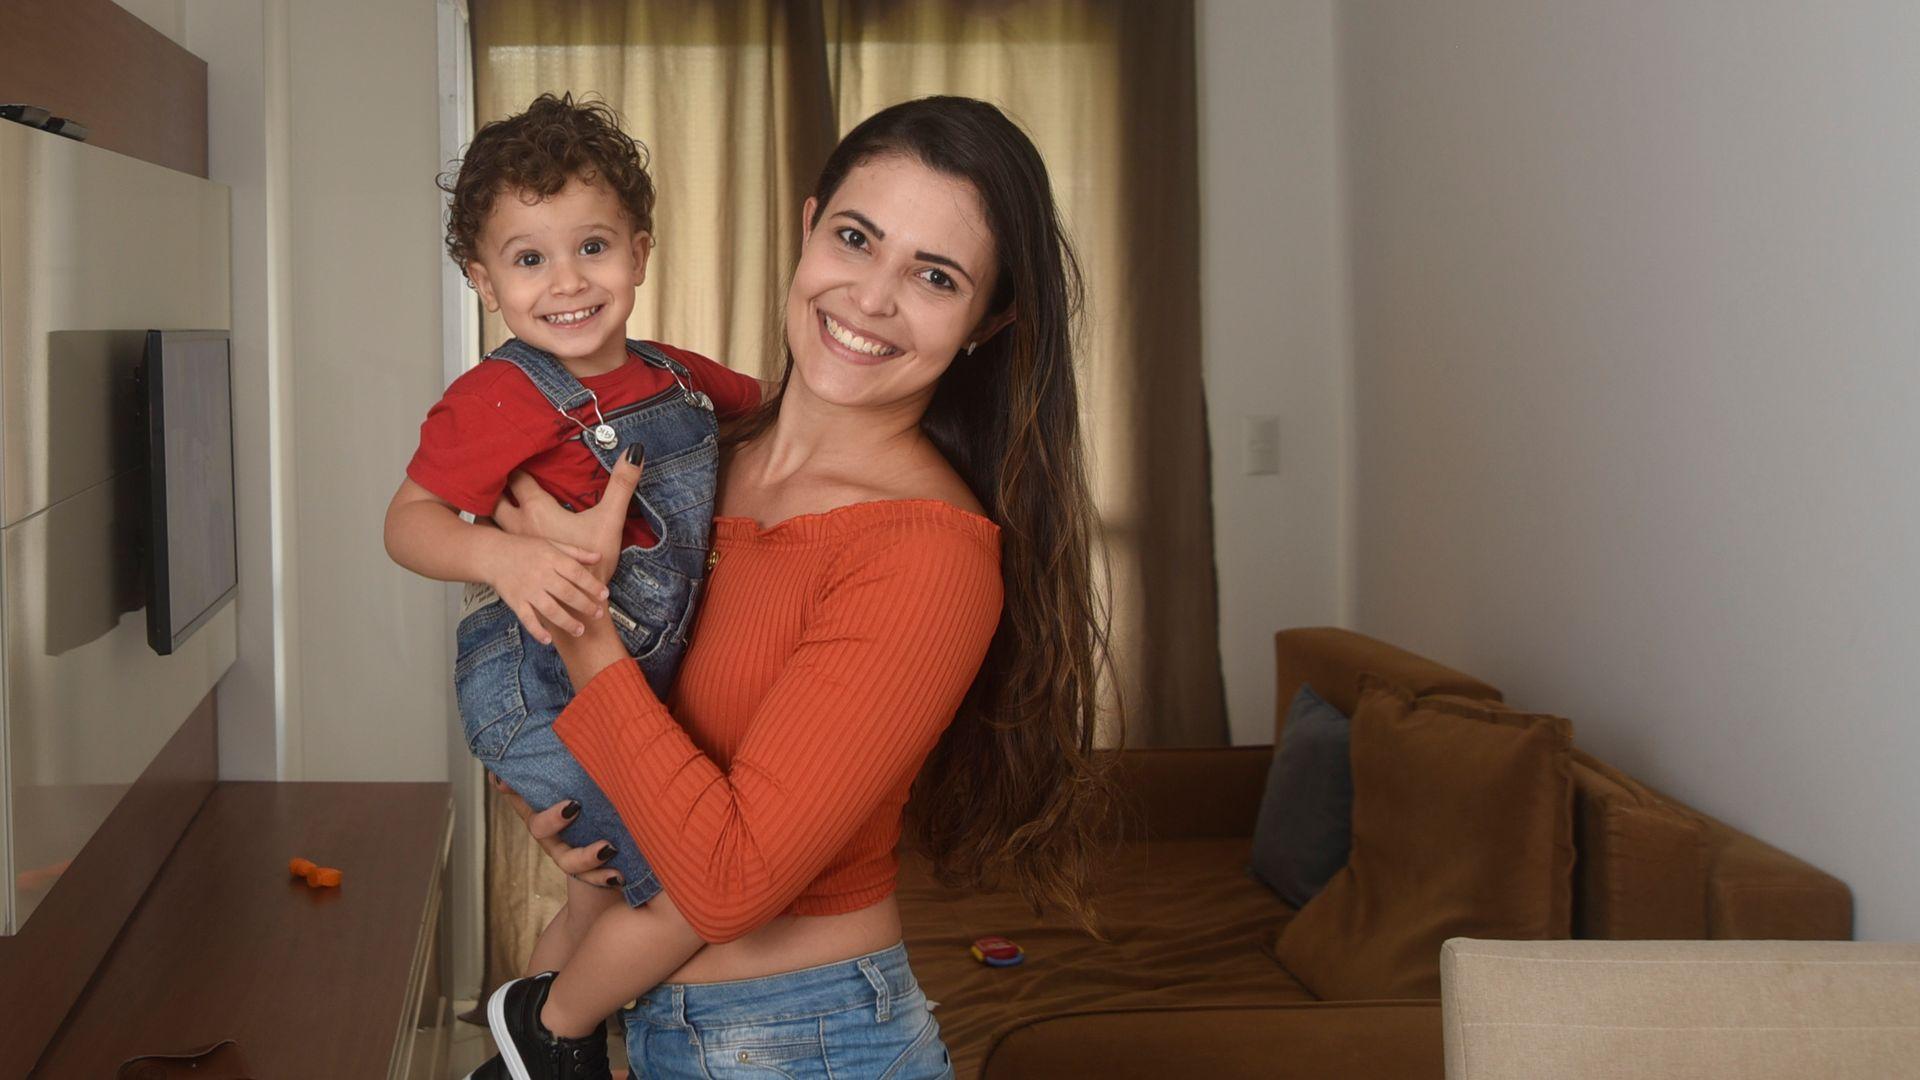 Anne Jardim, de 24 anos, tem um filho de 2 anos e volta ao trabalho com jornada reduzida